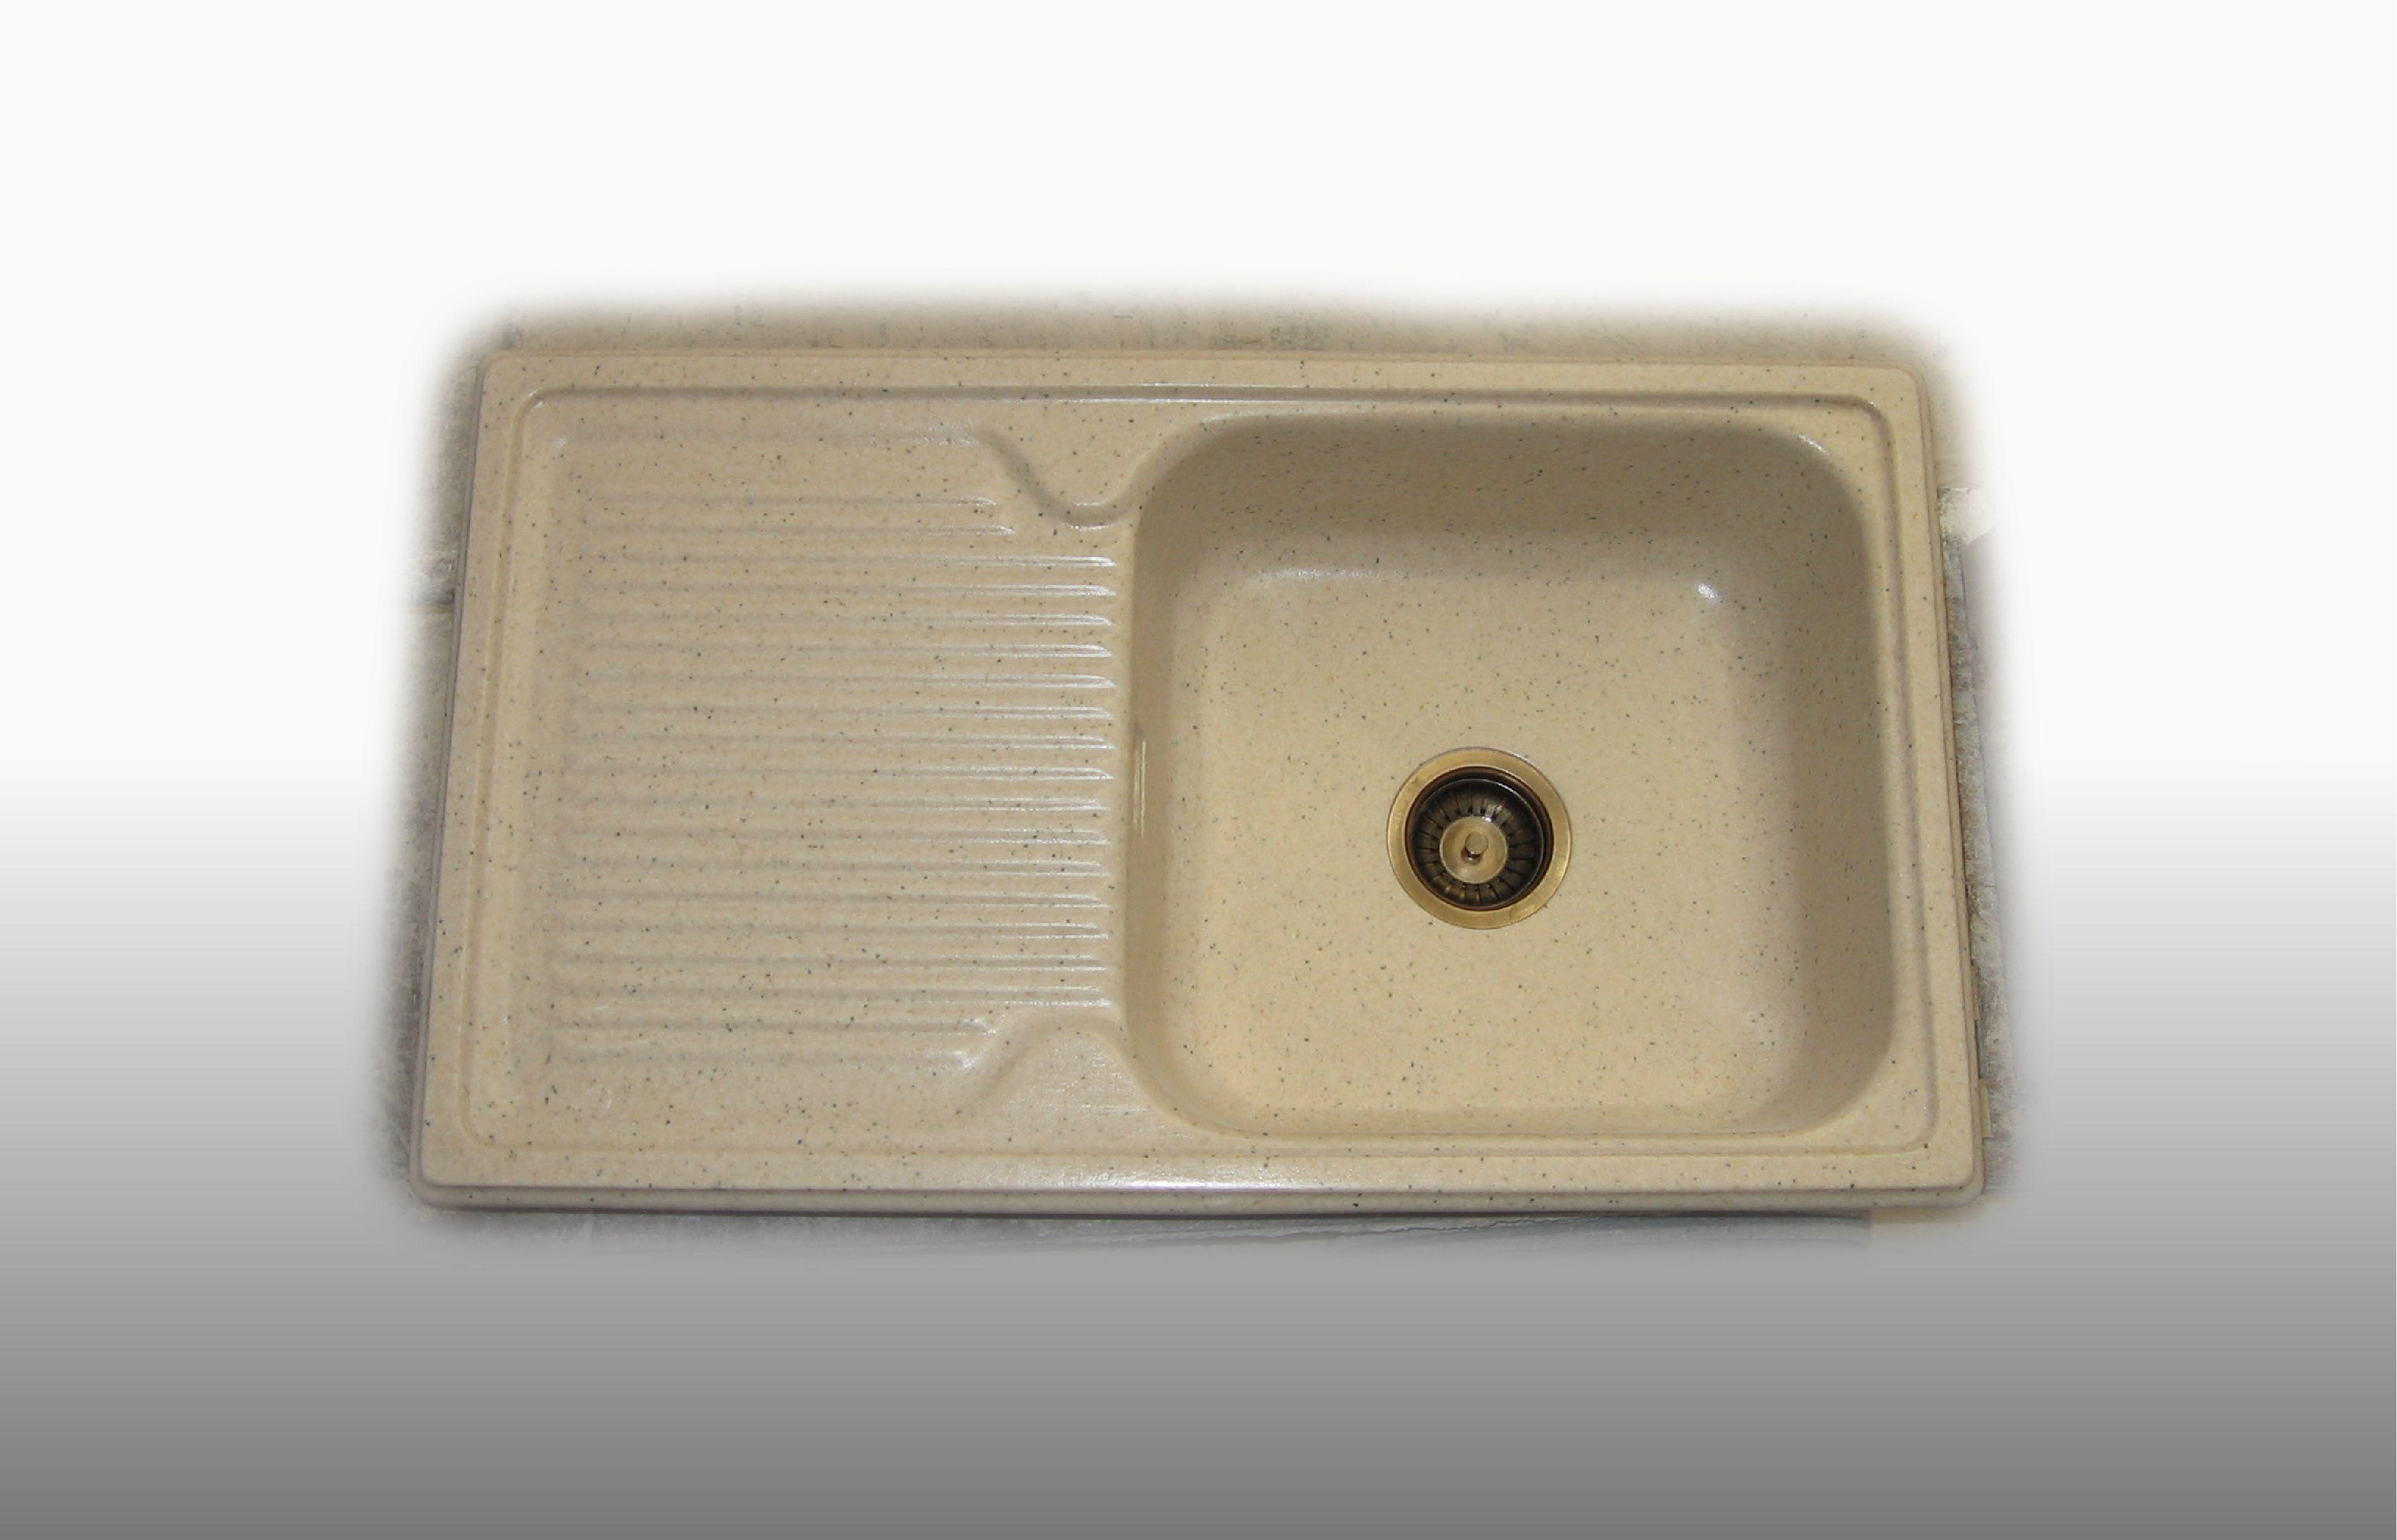 Lavello da incasso in graniglia 1  Vasca e gocciolatoio misura 86x50 cm  - prezzo 260,00 - 366€